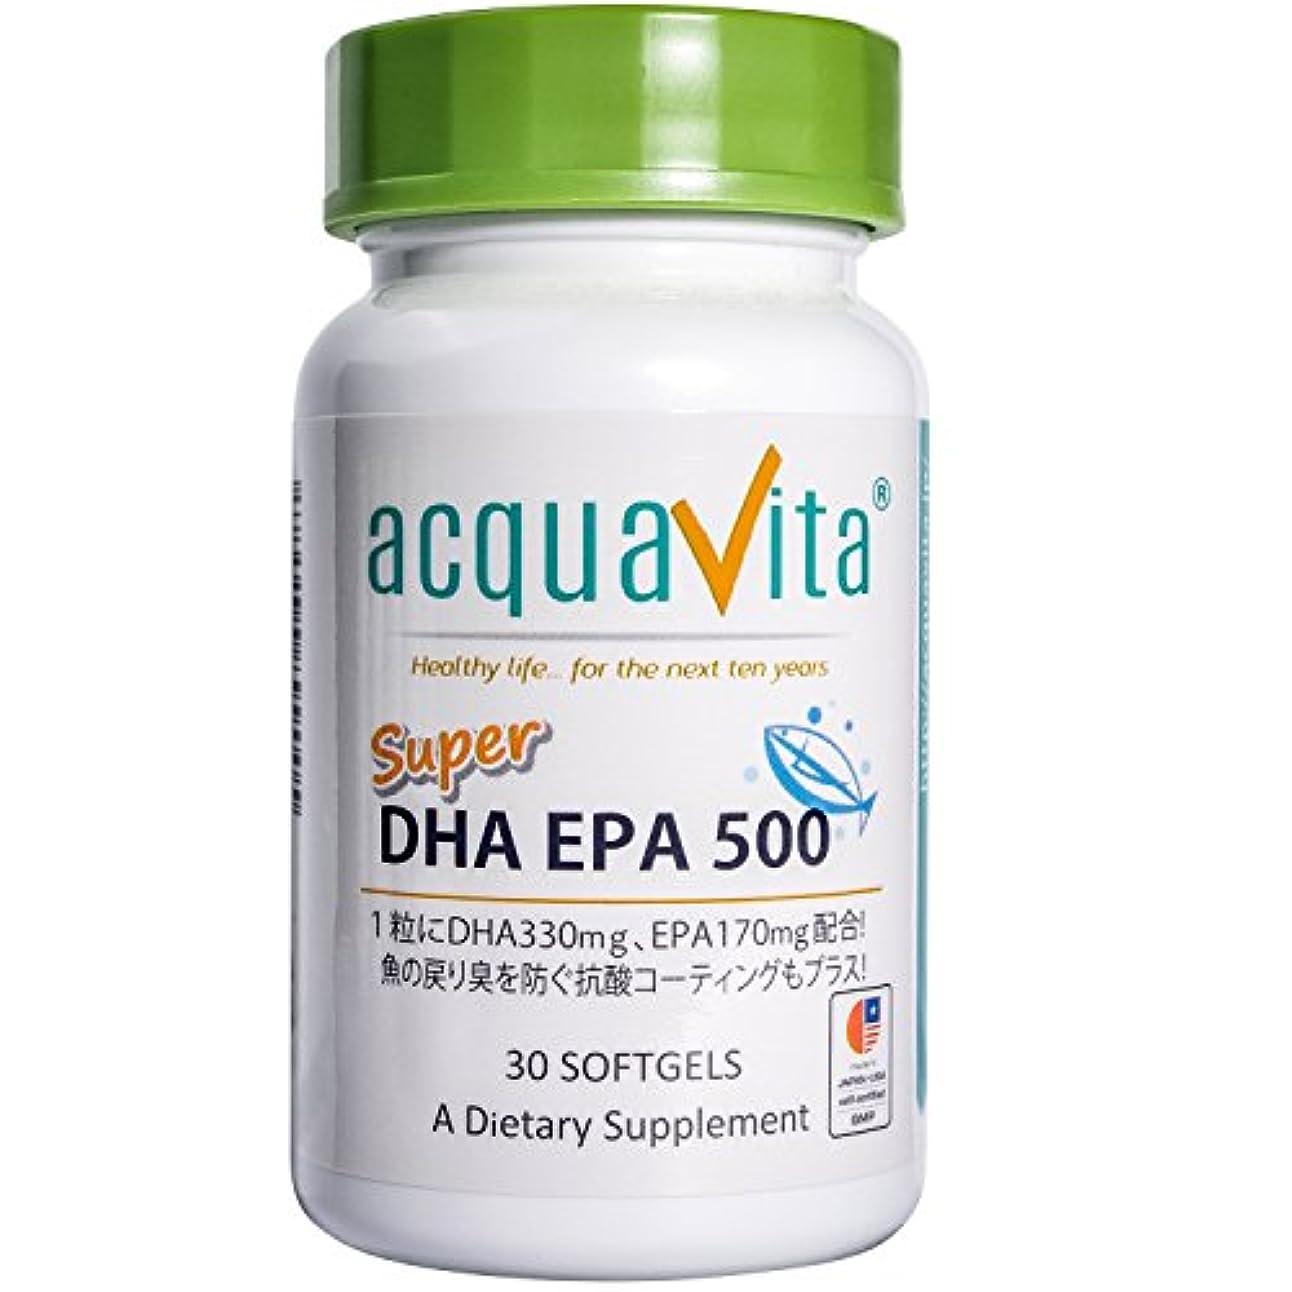 領収書ボックス焼くacquavita(アクアヴィータ) スーパーDHAEPA500 30粒